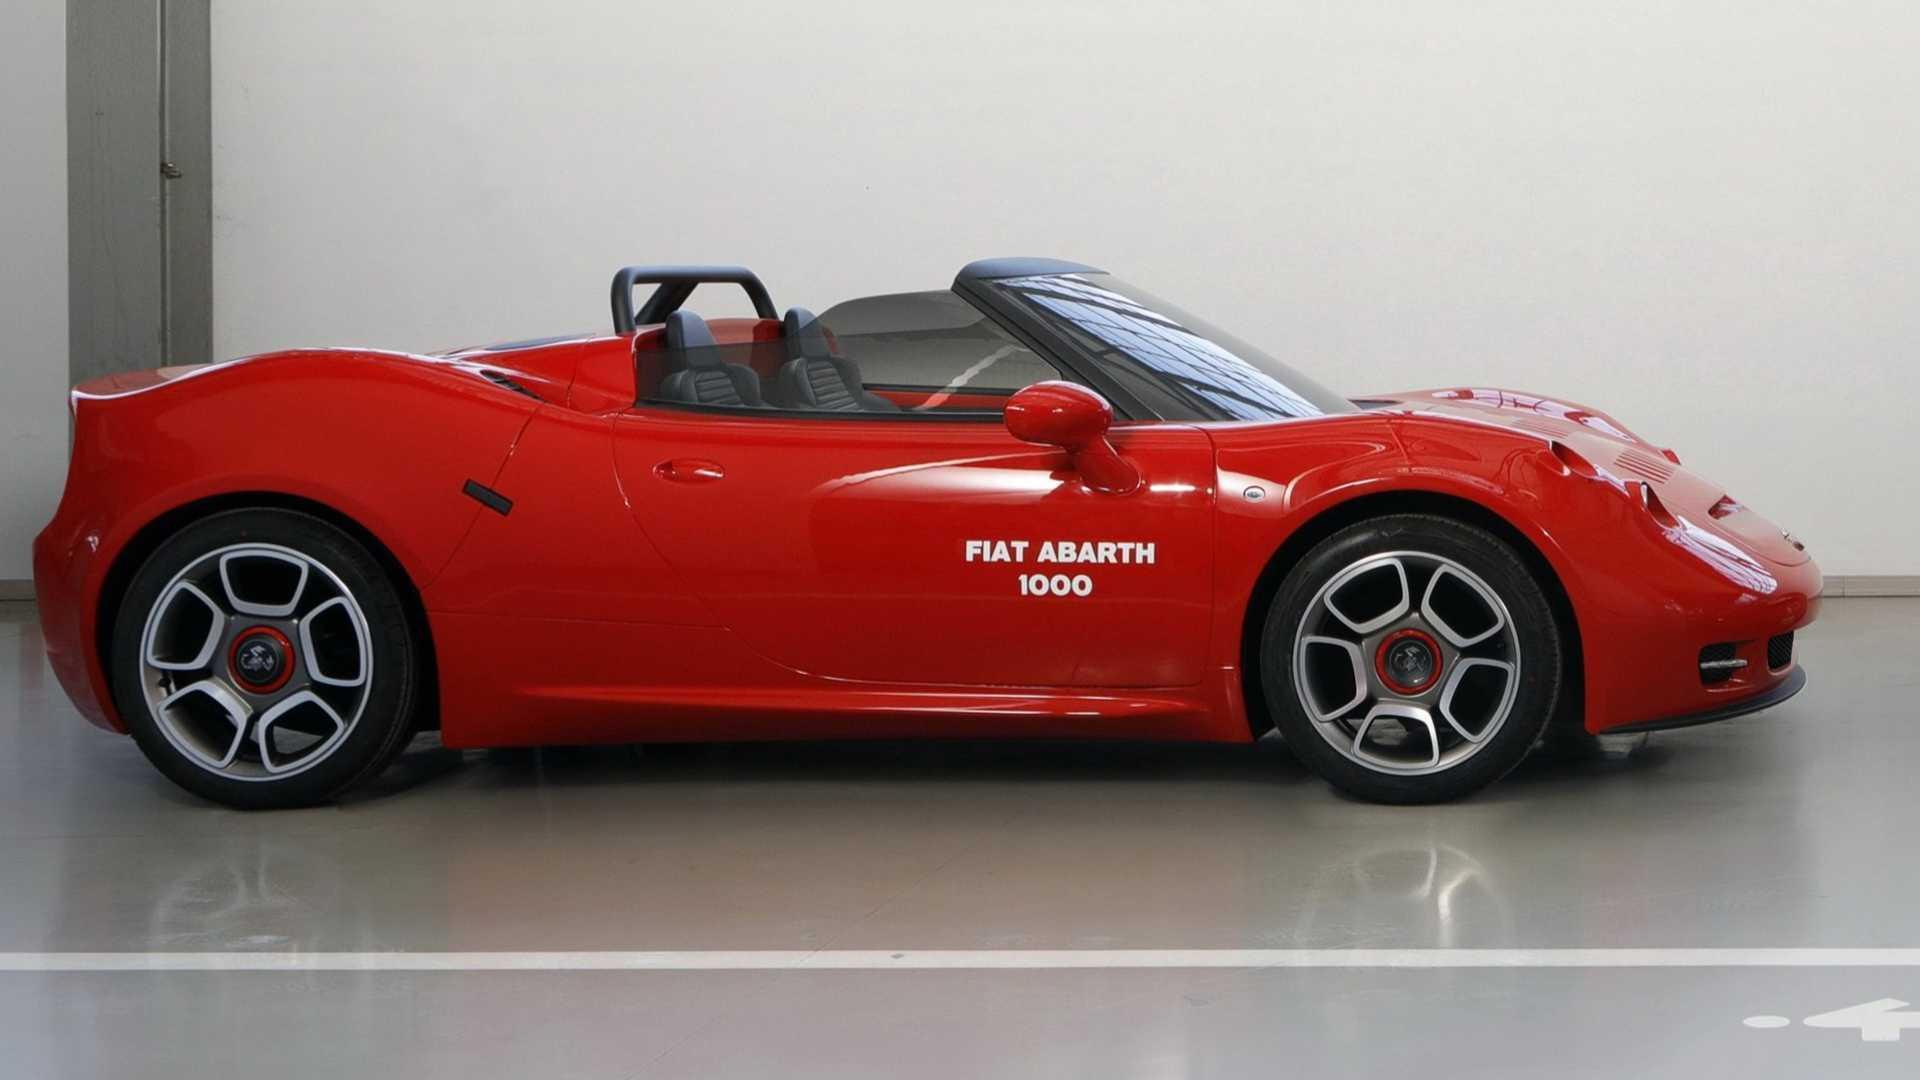 Fiat Abarth 1000 SP concept